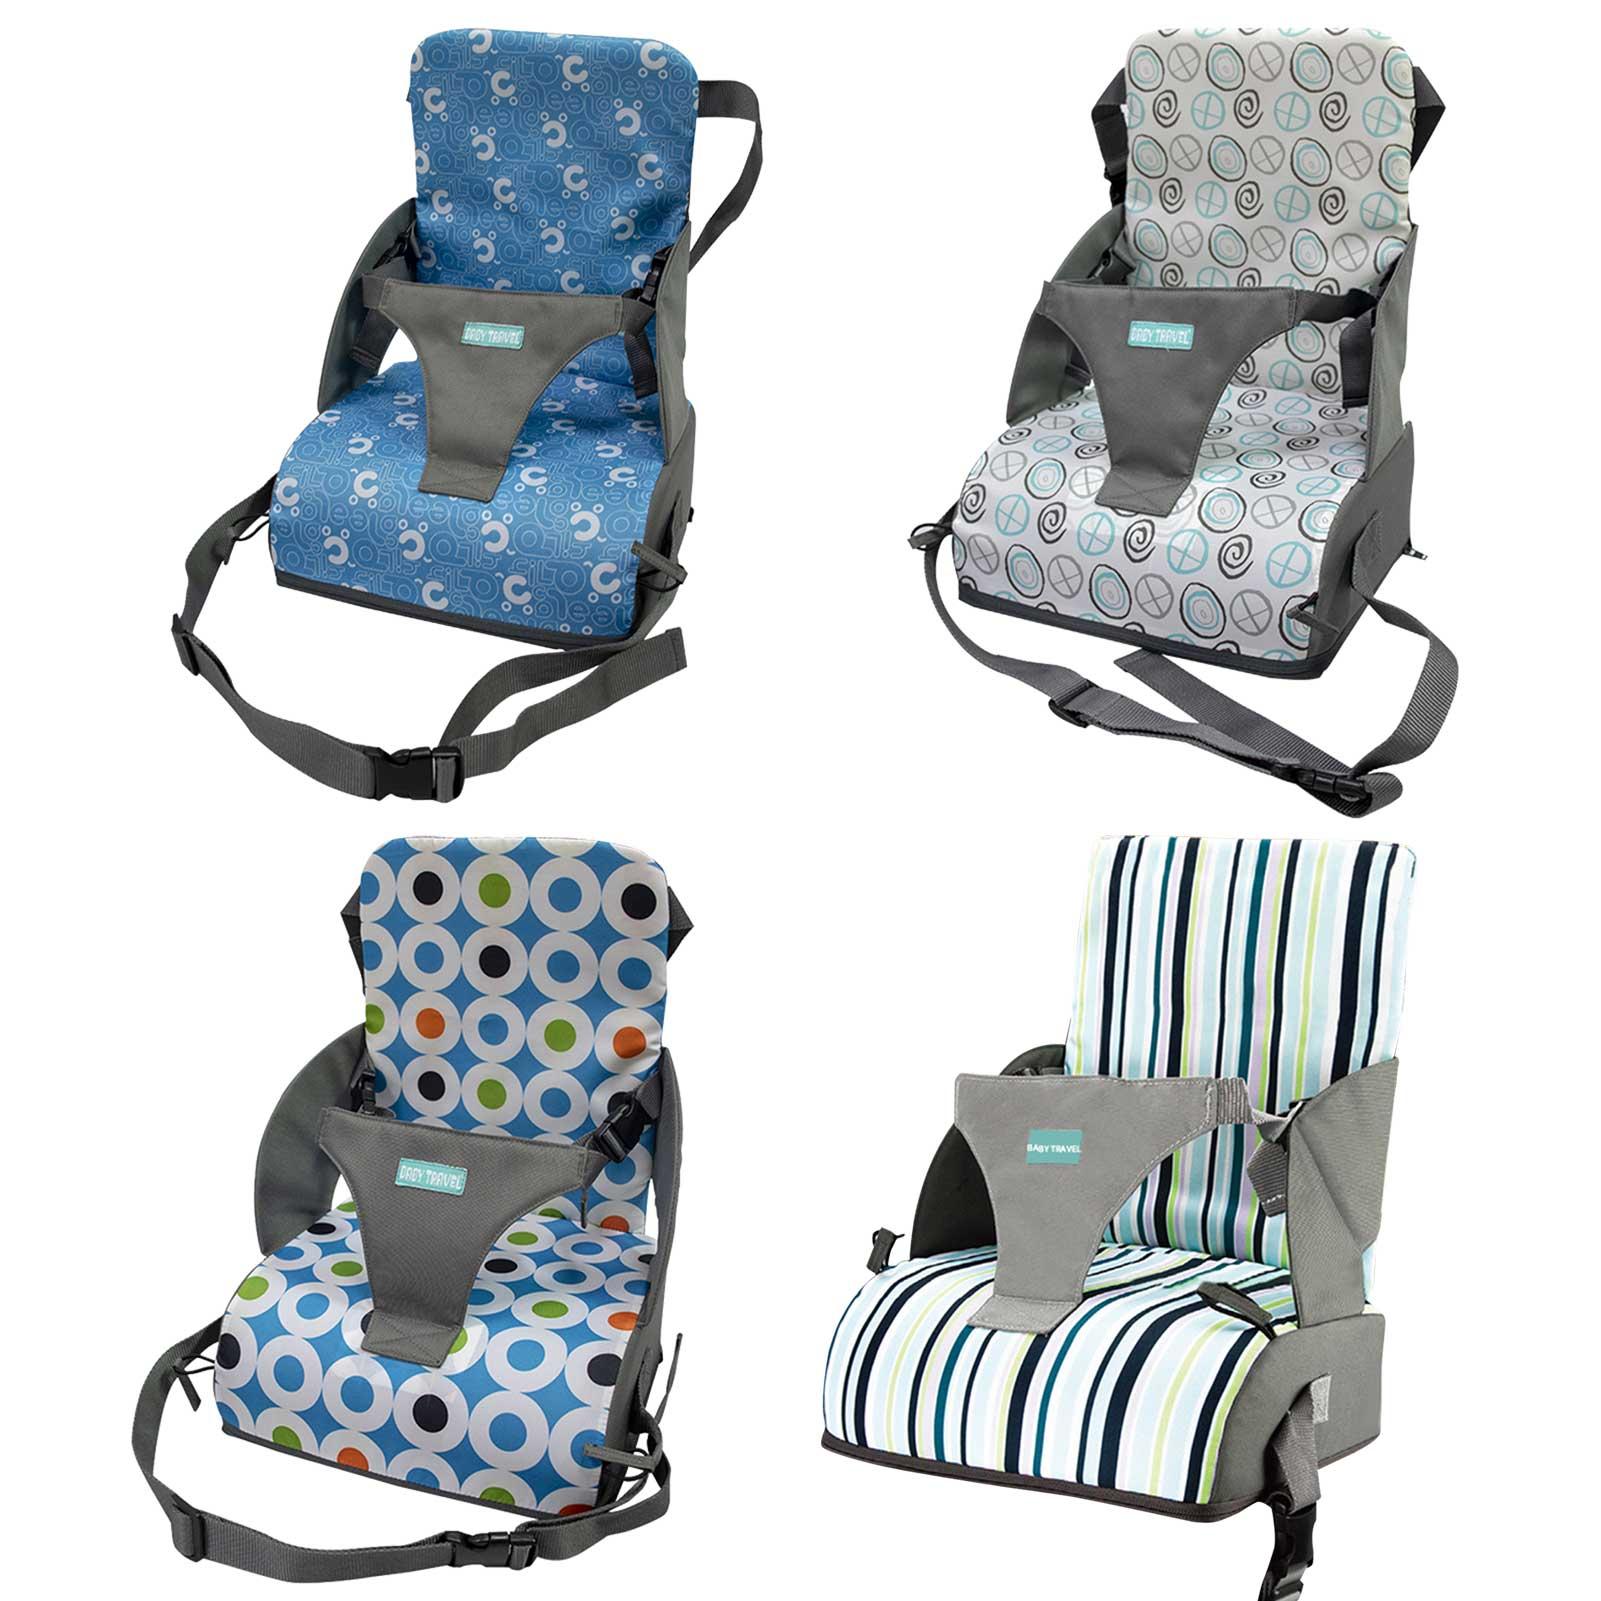 Детское кресло, складной моющийся высокий обеденный чехол для новорожденных, ремень безопасности, аксессуары для кормления и ухода за ребенком, для путешествий 1